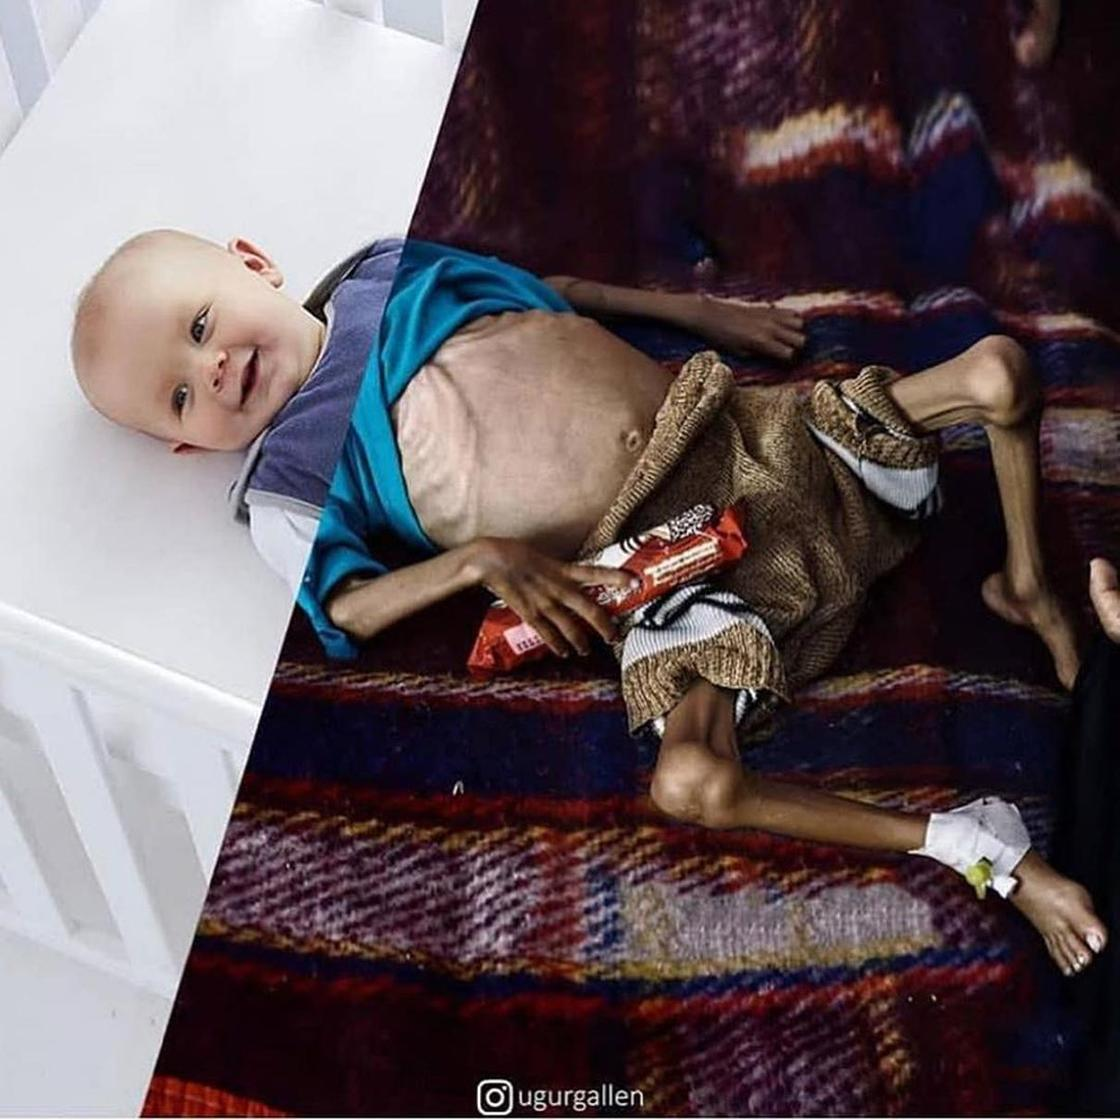 Шoкирующие работы турецкого фотографа показали чудовищные контрасты нашего мира